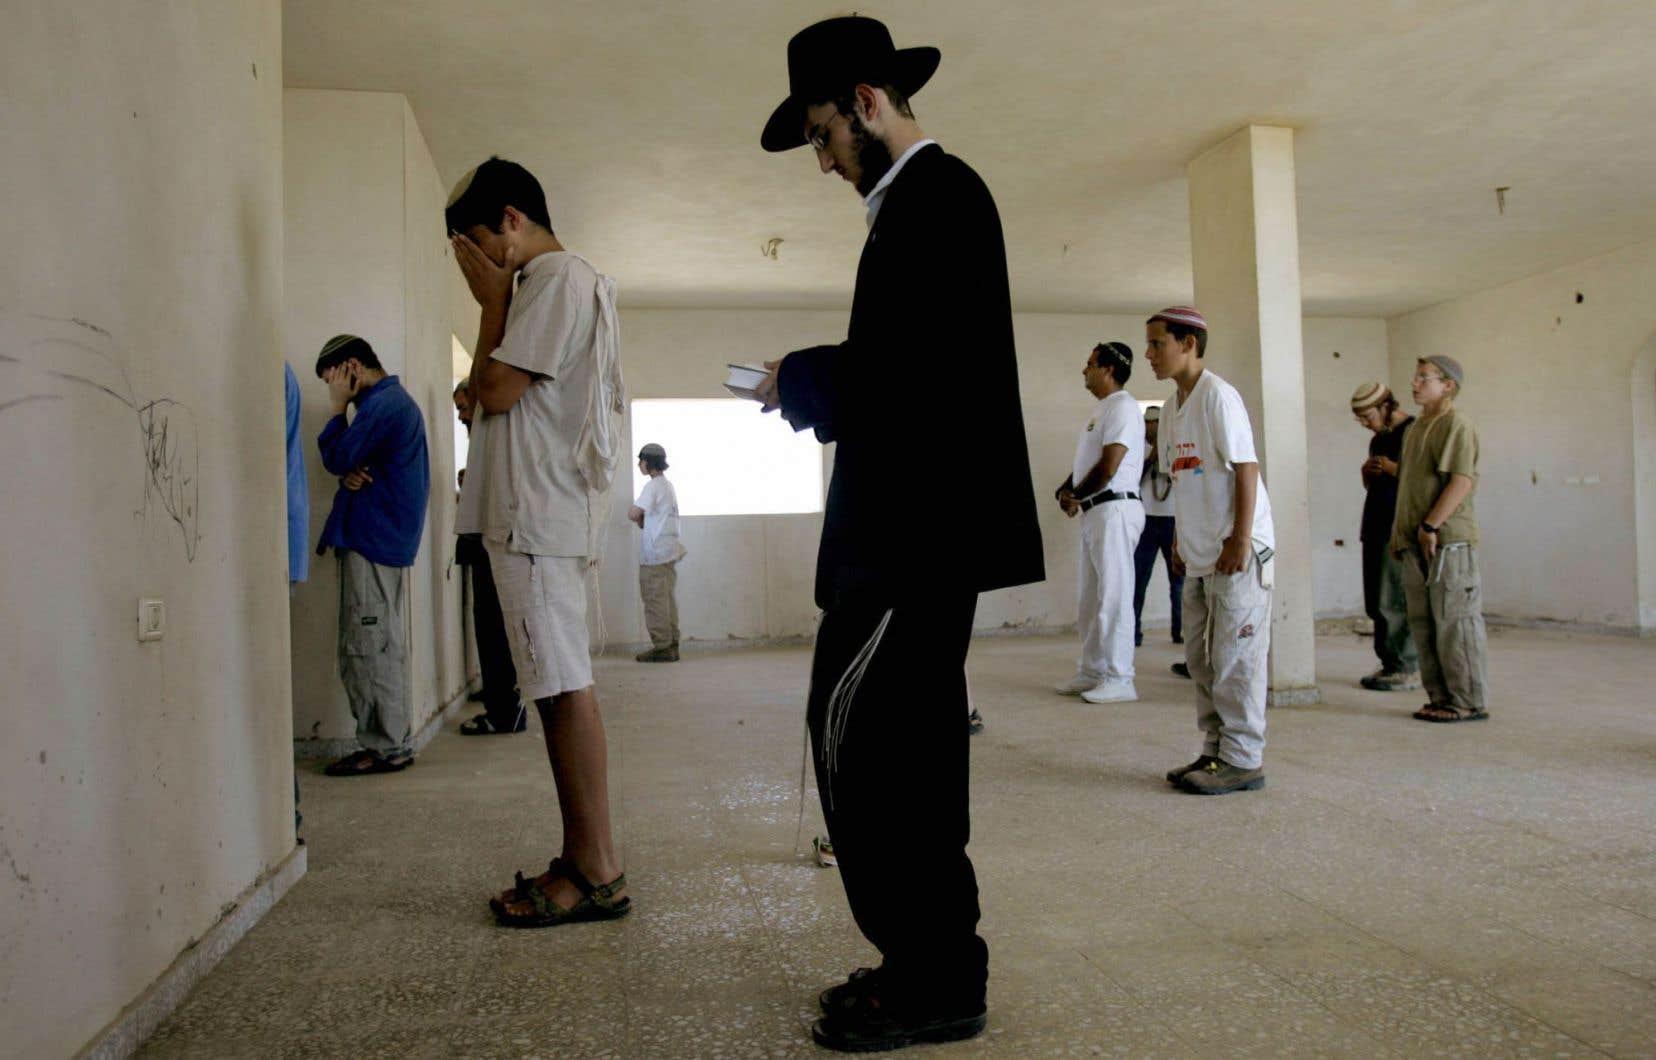 En 2017, Israël a lancé des projets pour environ 4000 logements et fait 2000 offres de construction de colonies en Cisjordanie et à Jérusalem-Est.